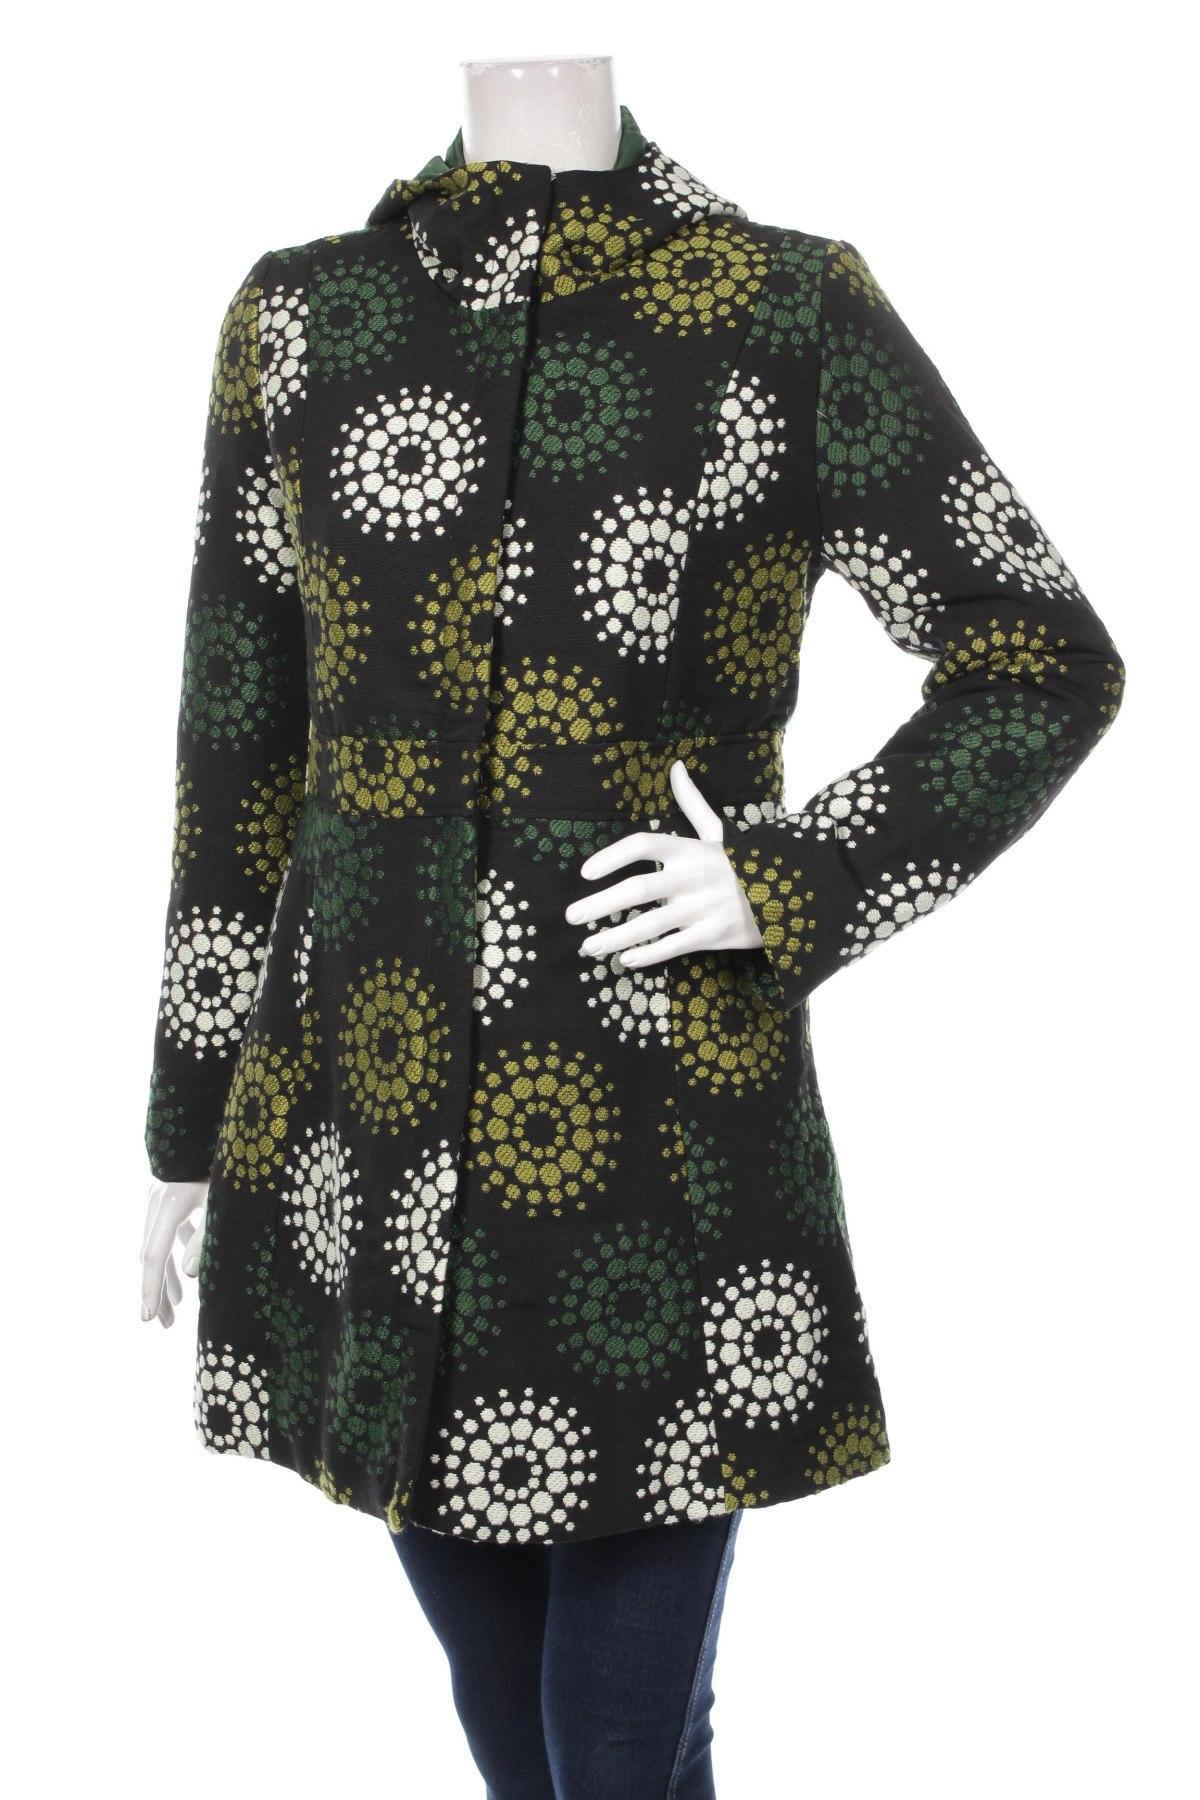 336a789d1cd8 Női kabát Desigual - kedvező áron Remixben - #7209670